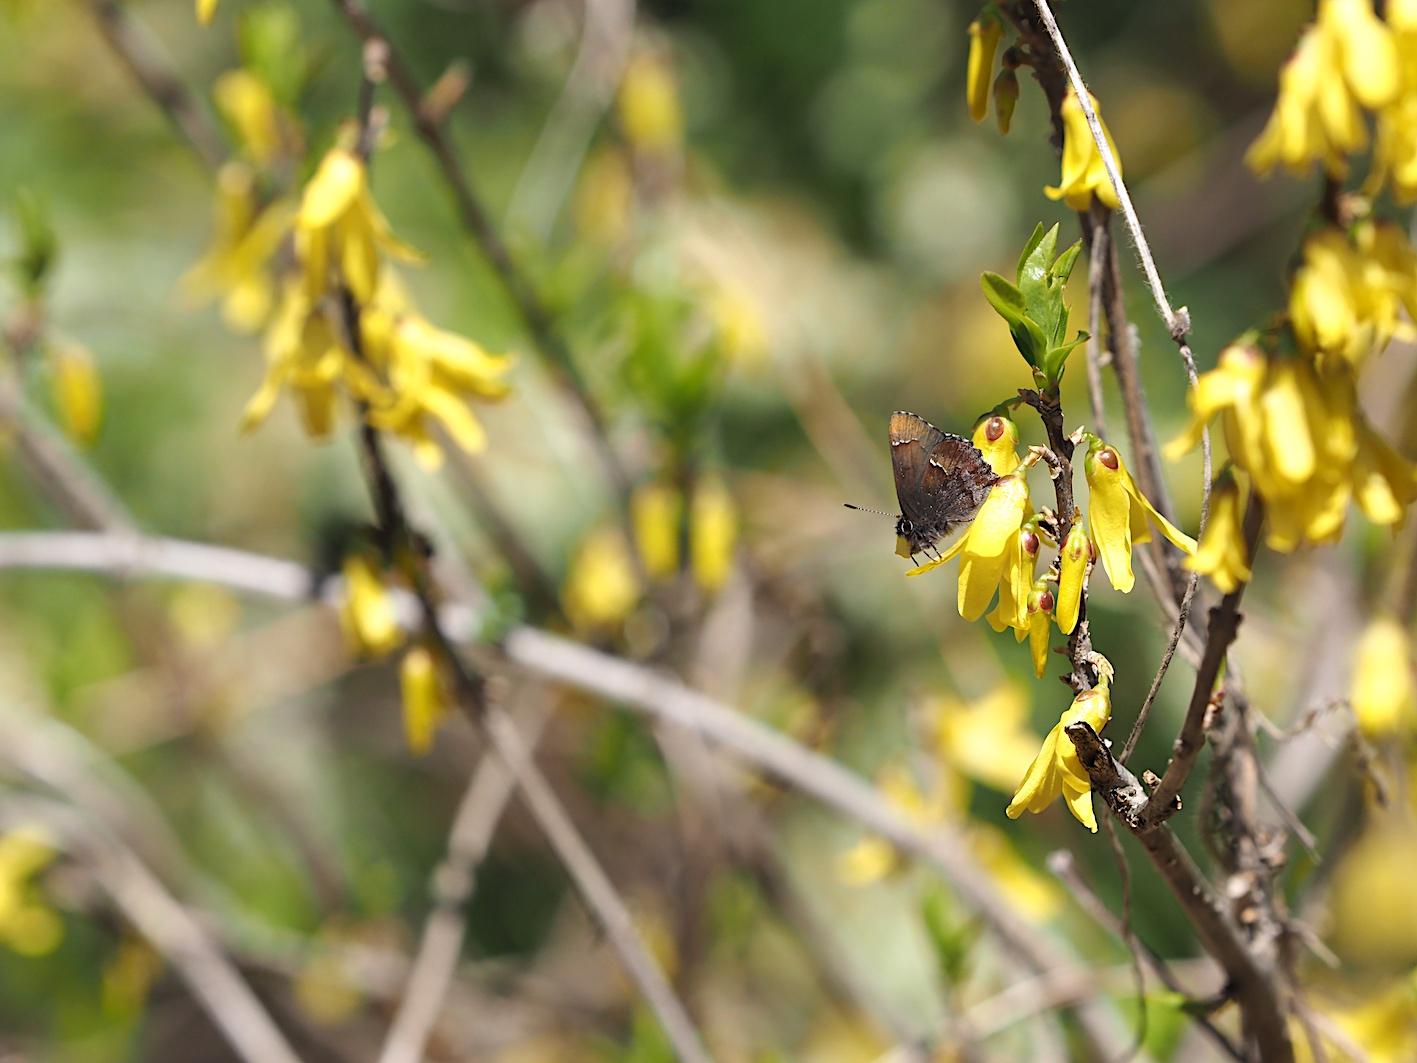 アセビにくる蝶たち、コツバメ(2019年3月27日)_d0303129_14184346.jpg